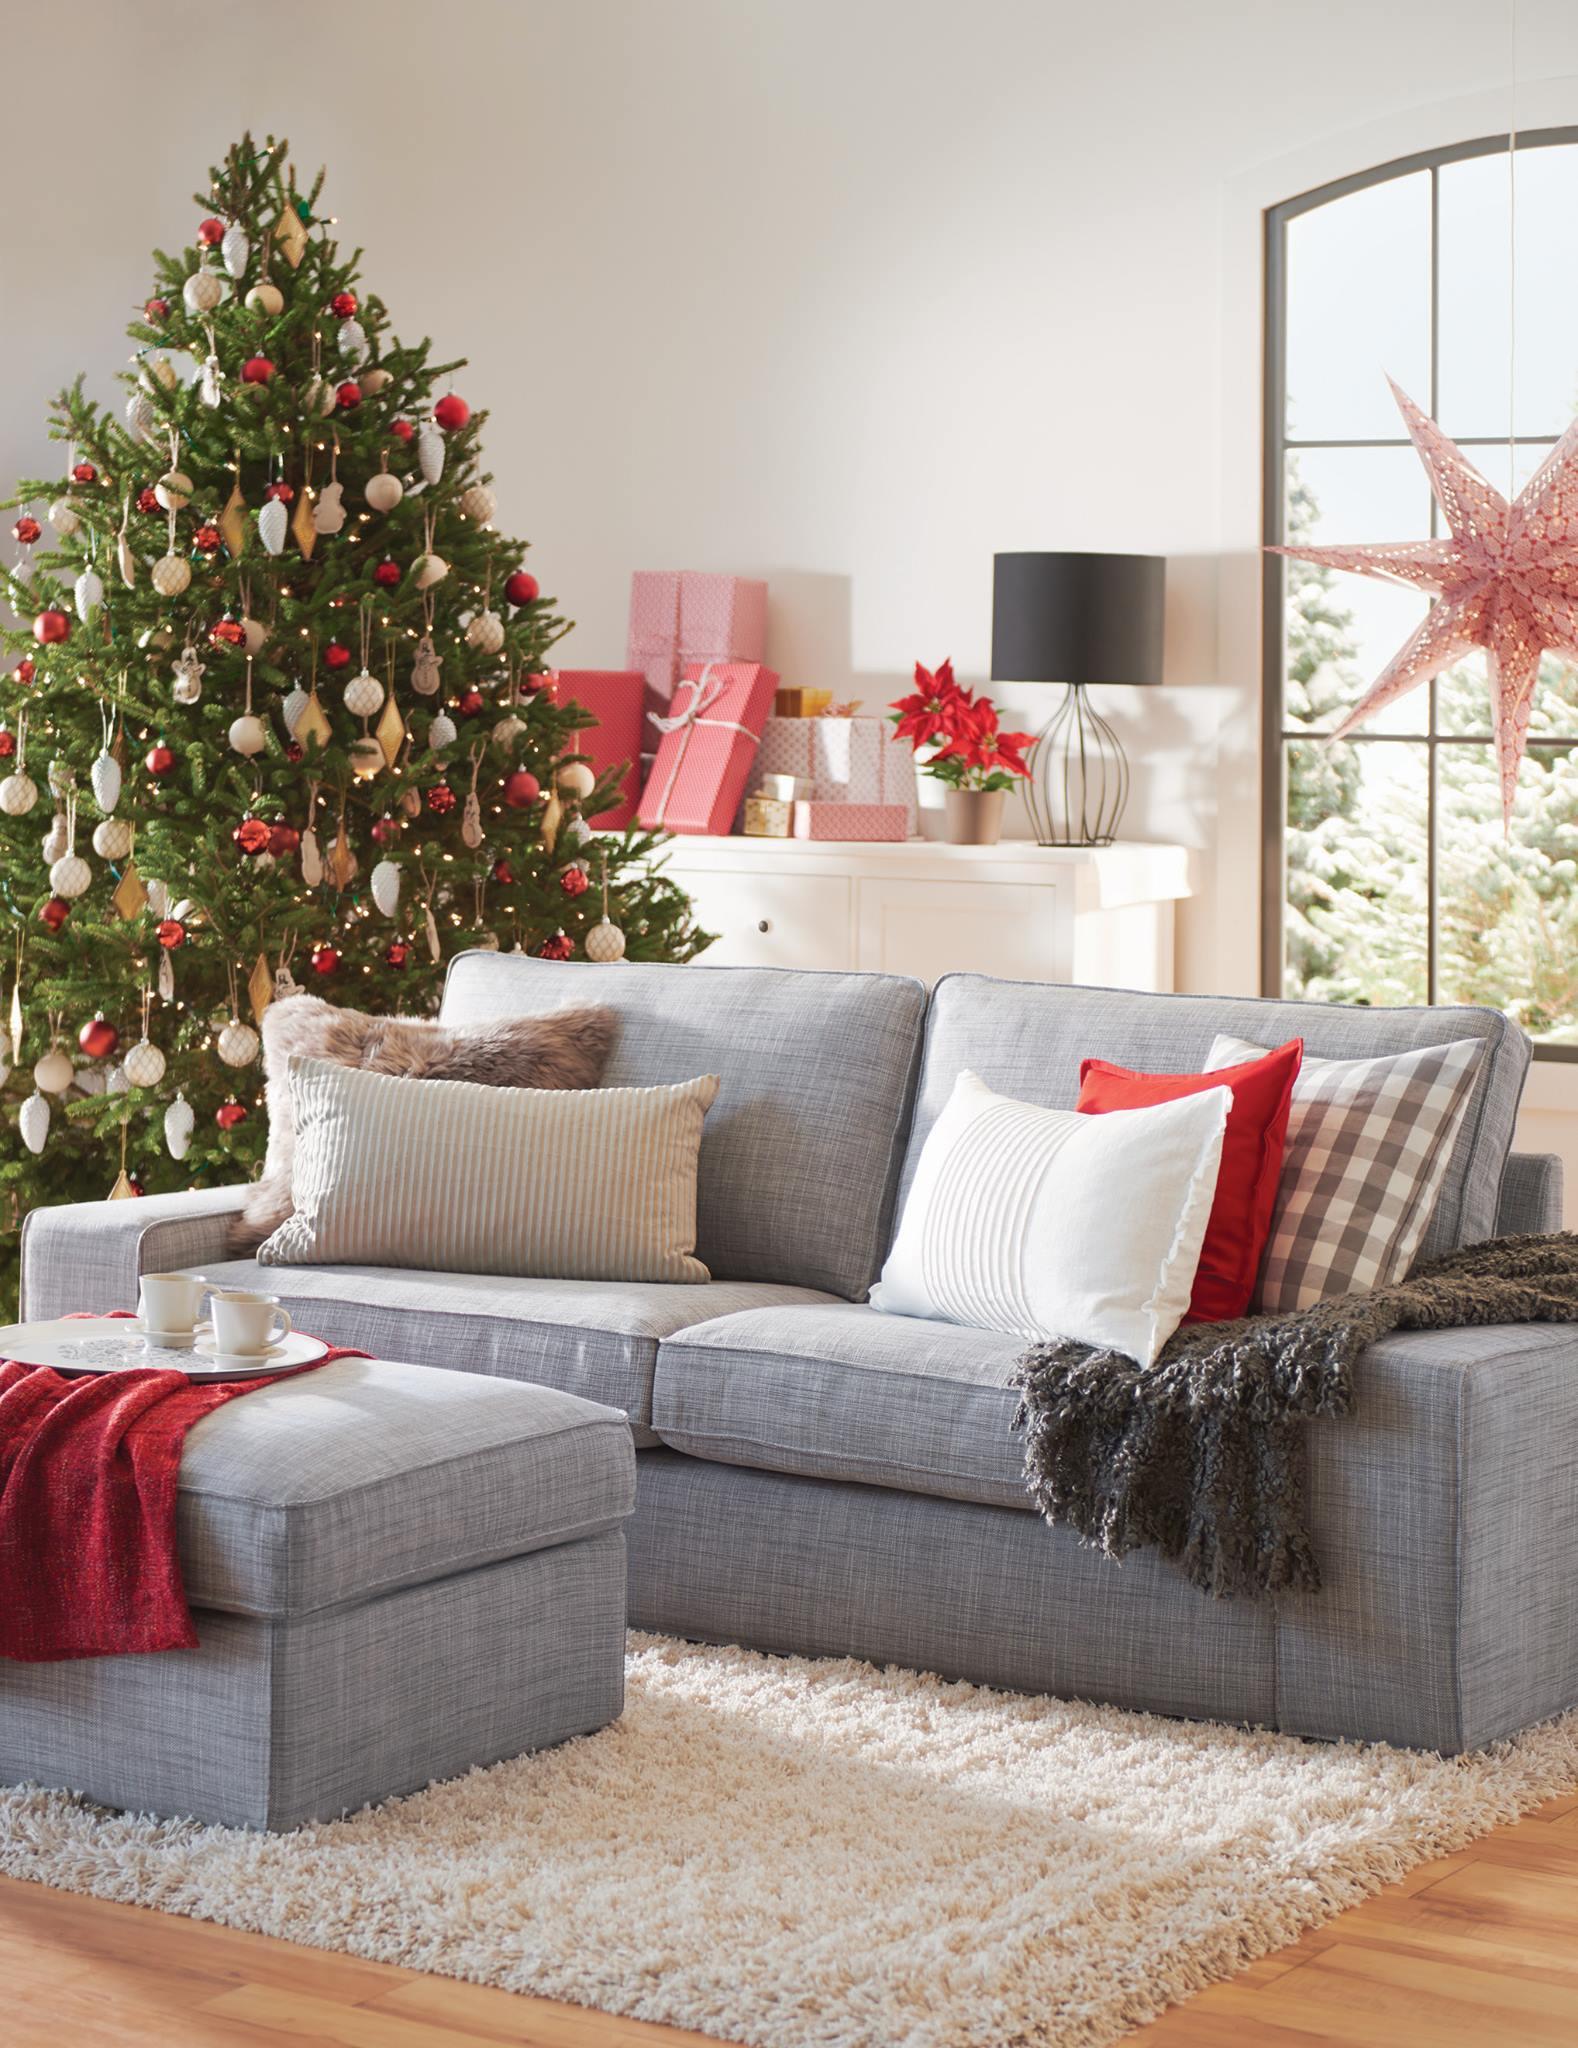 Ikea Canada Black Friday 2015 Deals 299 For A Nockeby Sofa